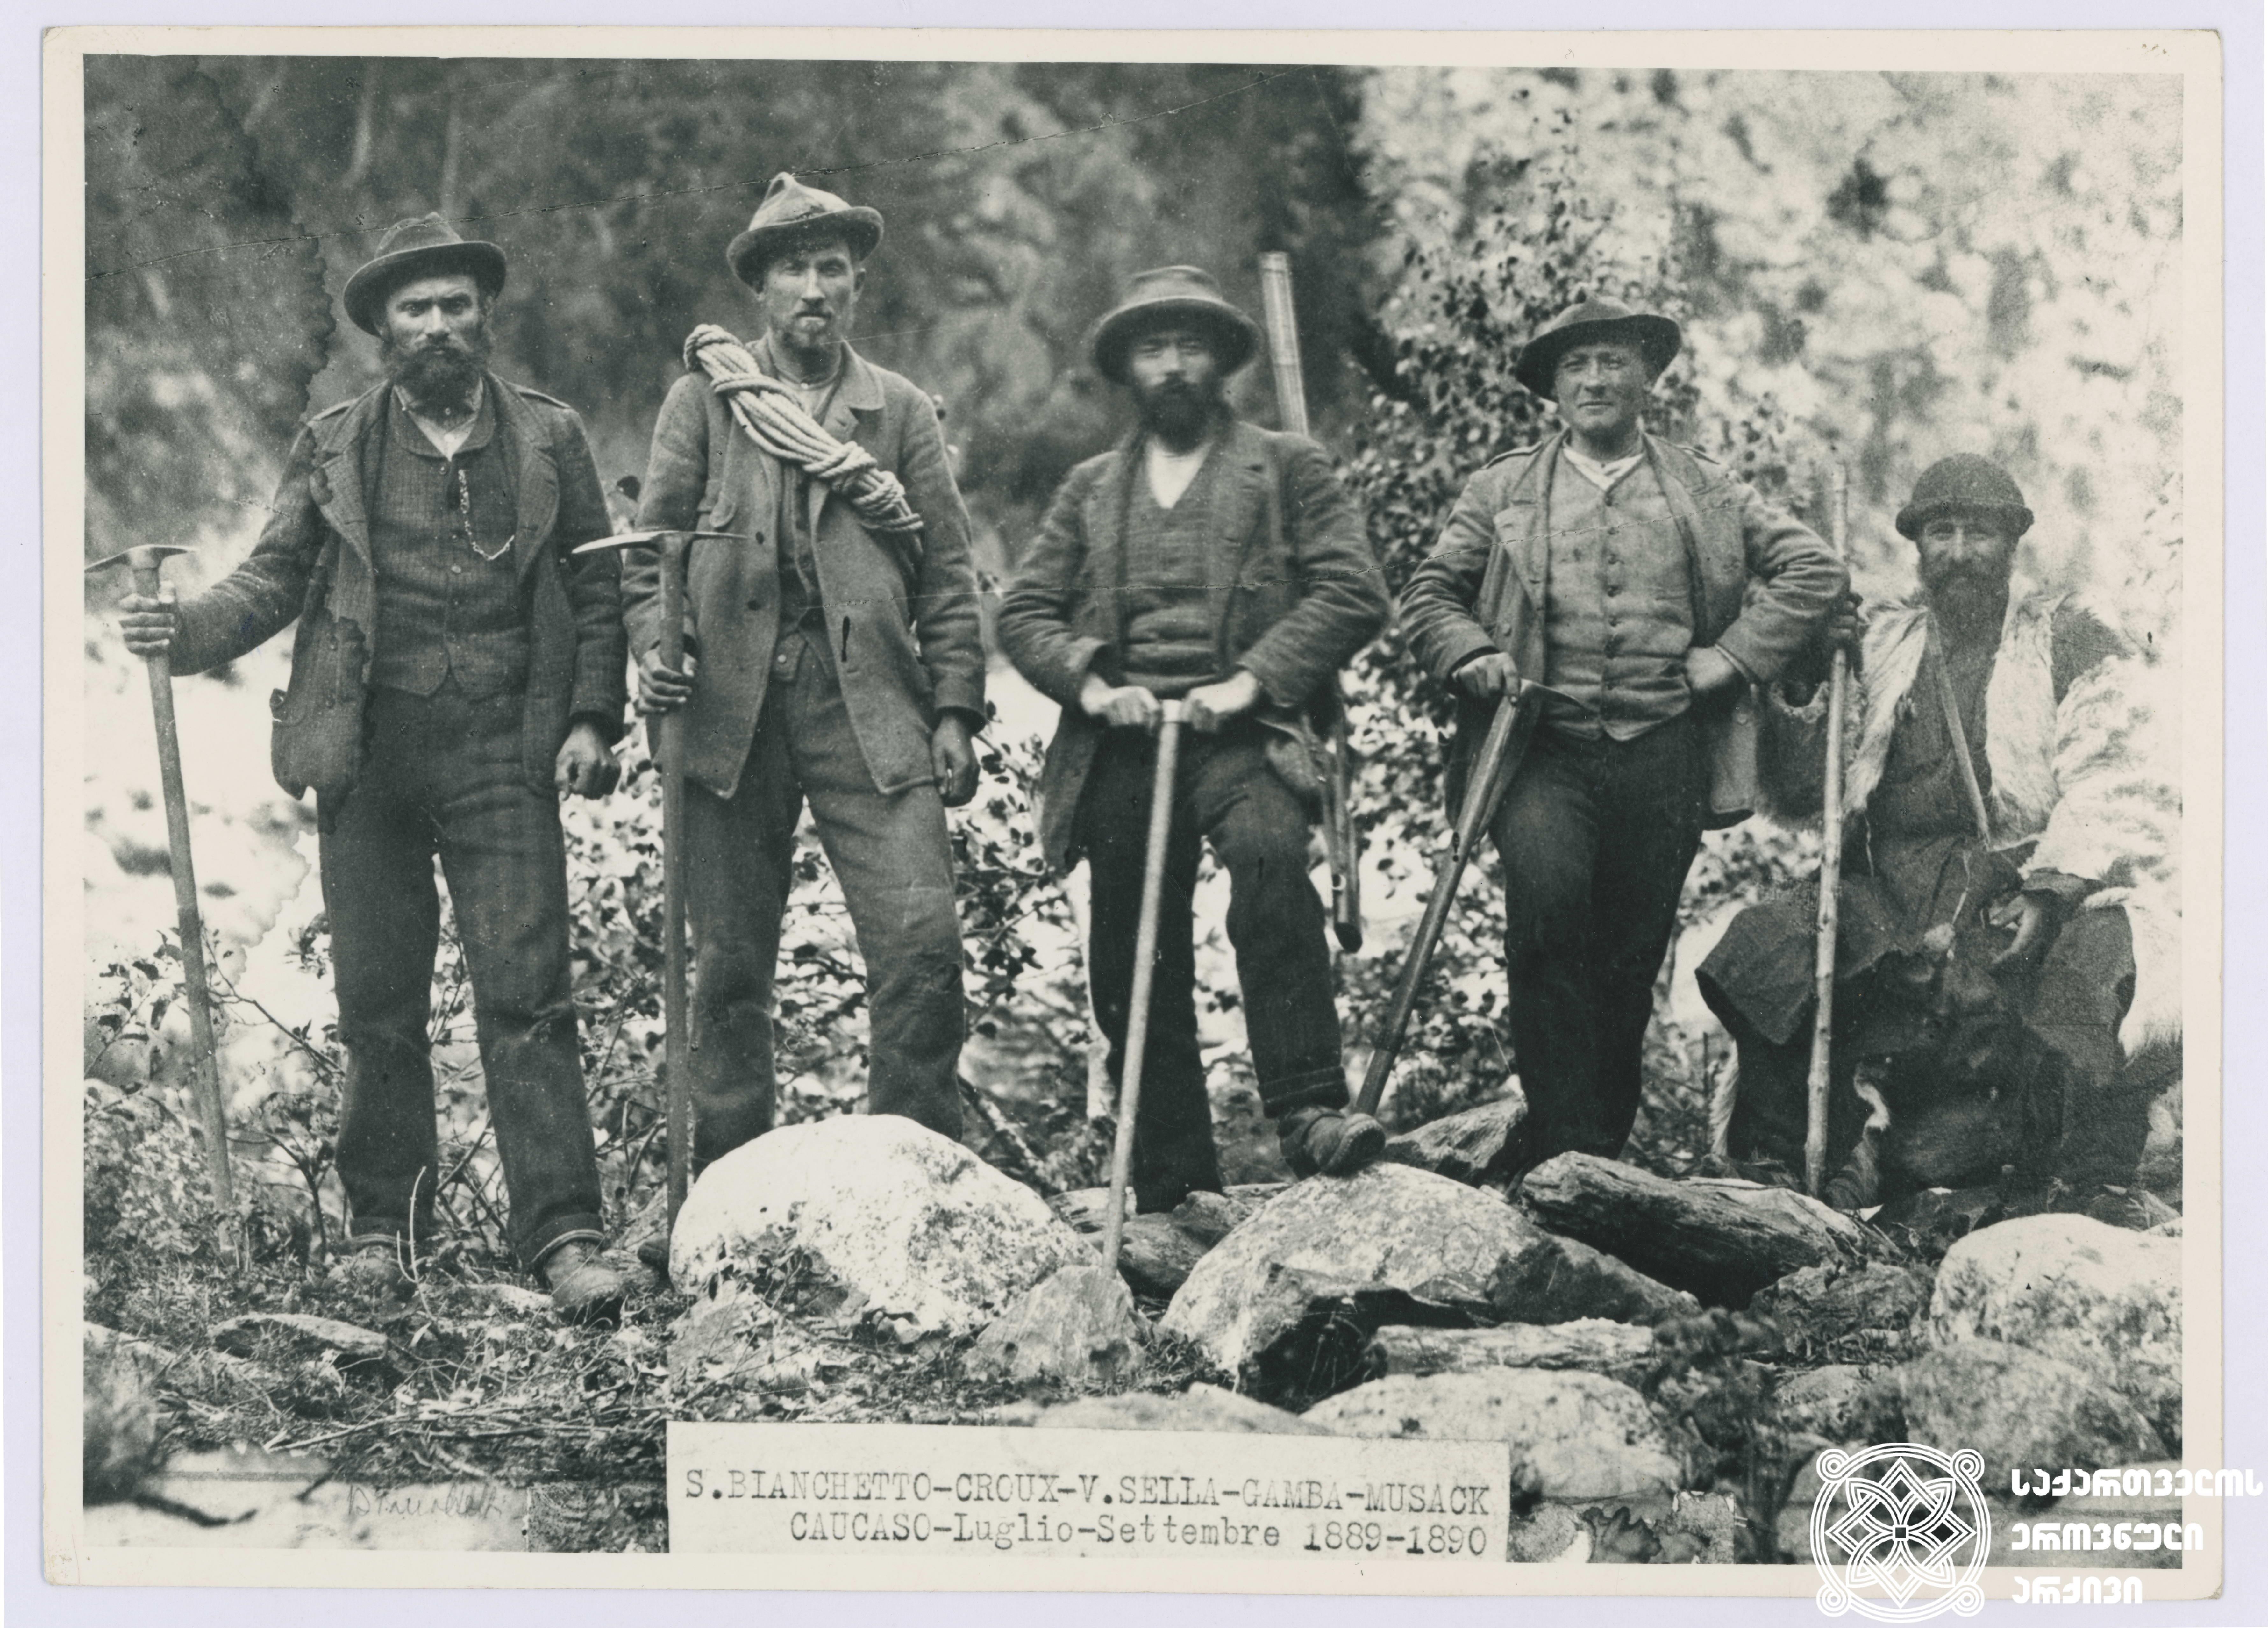 იტალიელი მოგზაურები. მარცხნიდან: სეკონდინო ბიანკეტი, ფაბიანო კრუქსი, ვიტორიო სელა, ჯუზეპე გამბა, მურკი. <br>  Italian travellers. From the left: Secondino Bianchetti, Fabiano Crucs, Vittorio Sella, Guiseppe Gamba, Murck.  1889.